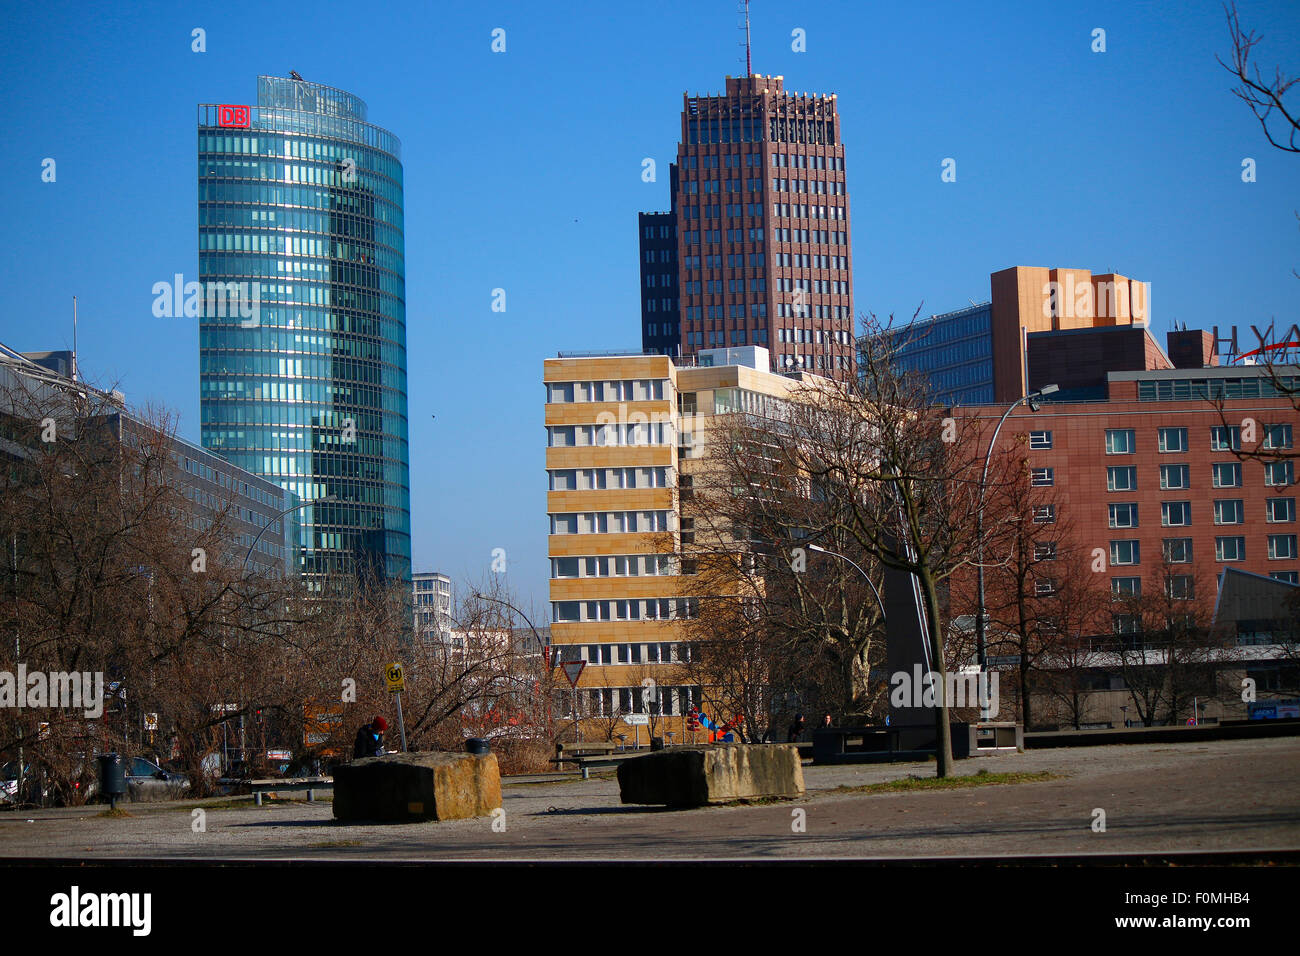 Potsdamer Platz, Berlin-Tiergarten. - Stock Image